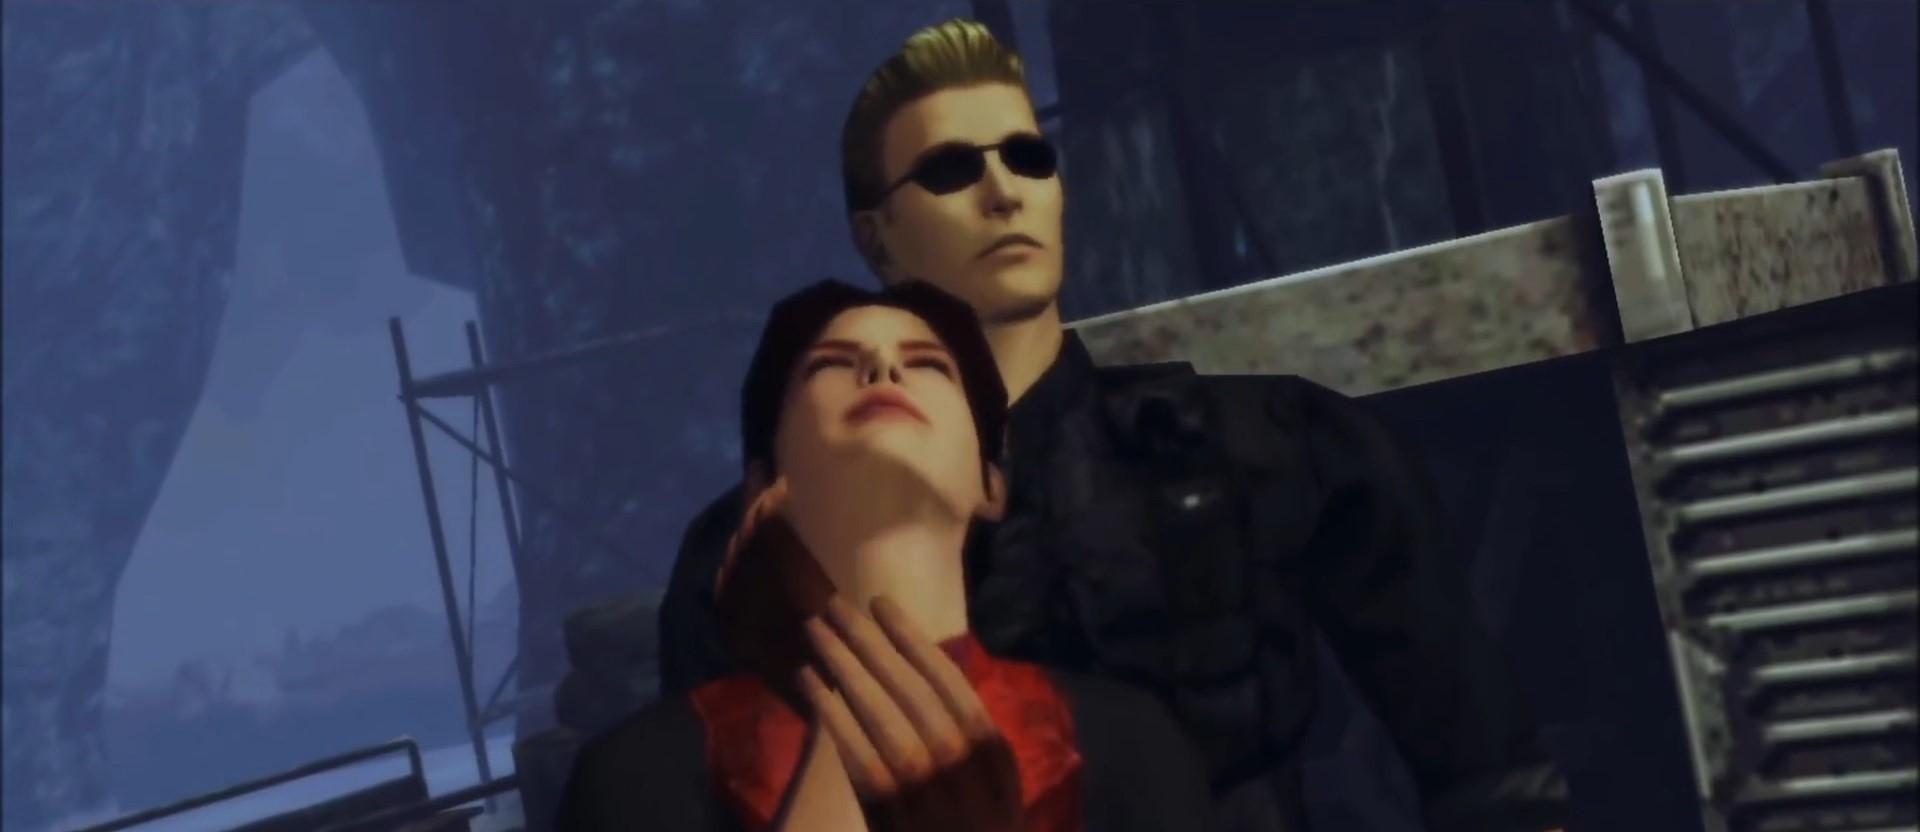 バイオコードベロニカ ウェスカーがクレアを人質にしている